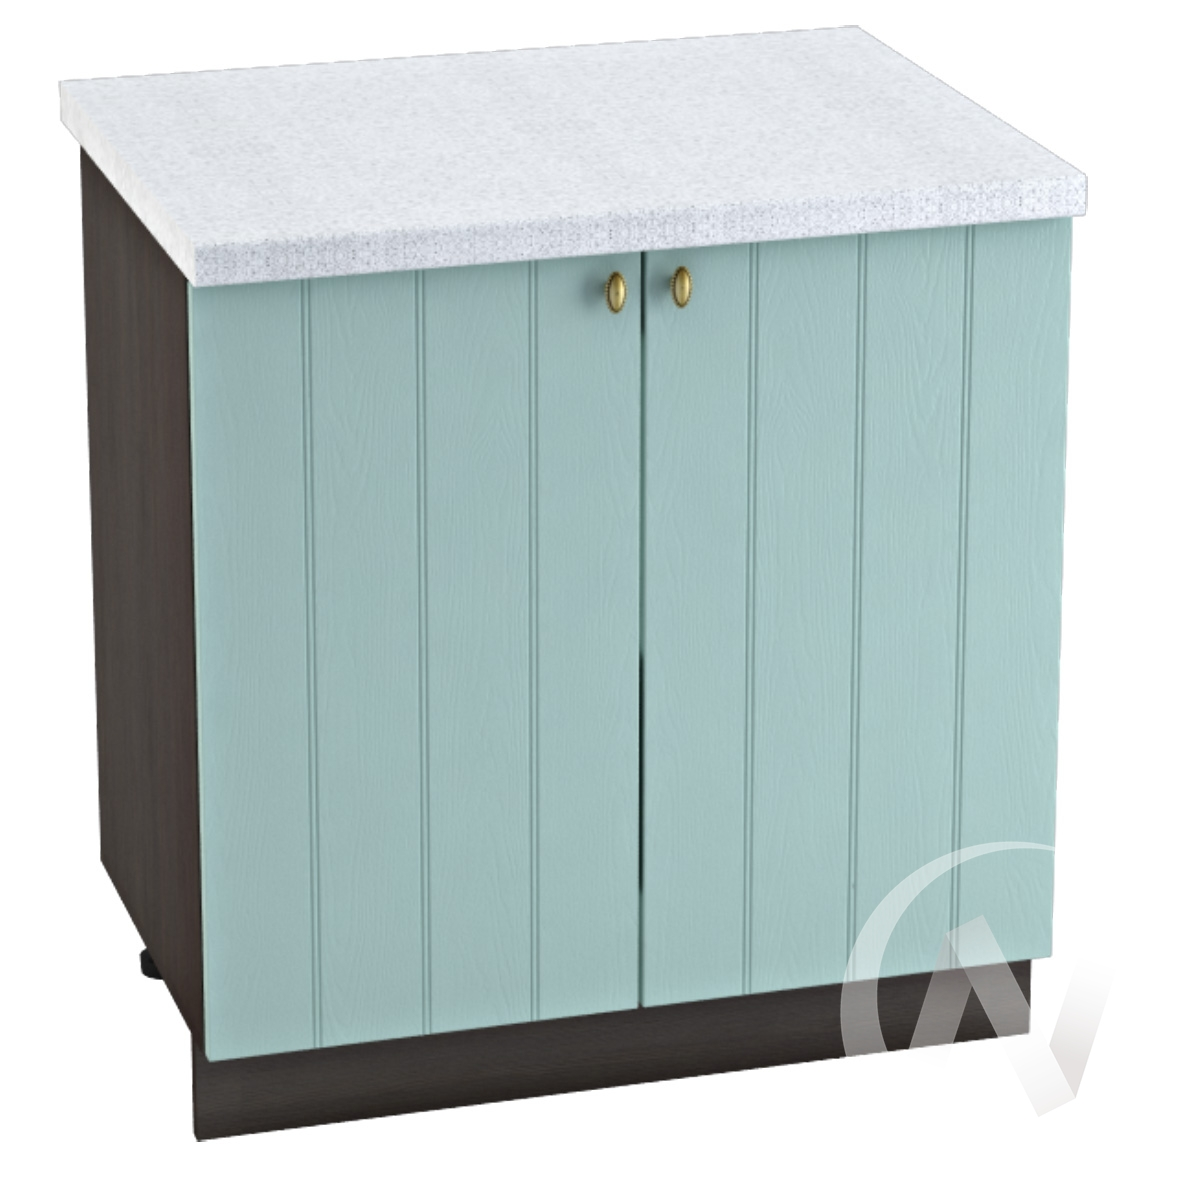 """Кухня """"Прованс"""": Шкаф нижний 800, ШН 800 новый (голубой/корпус венге)"""